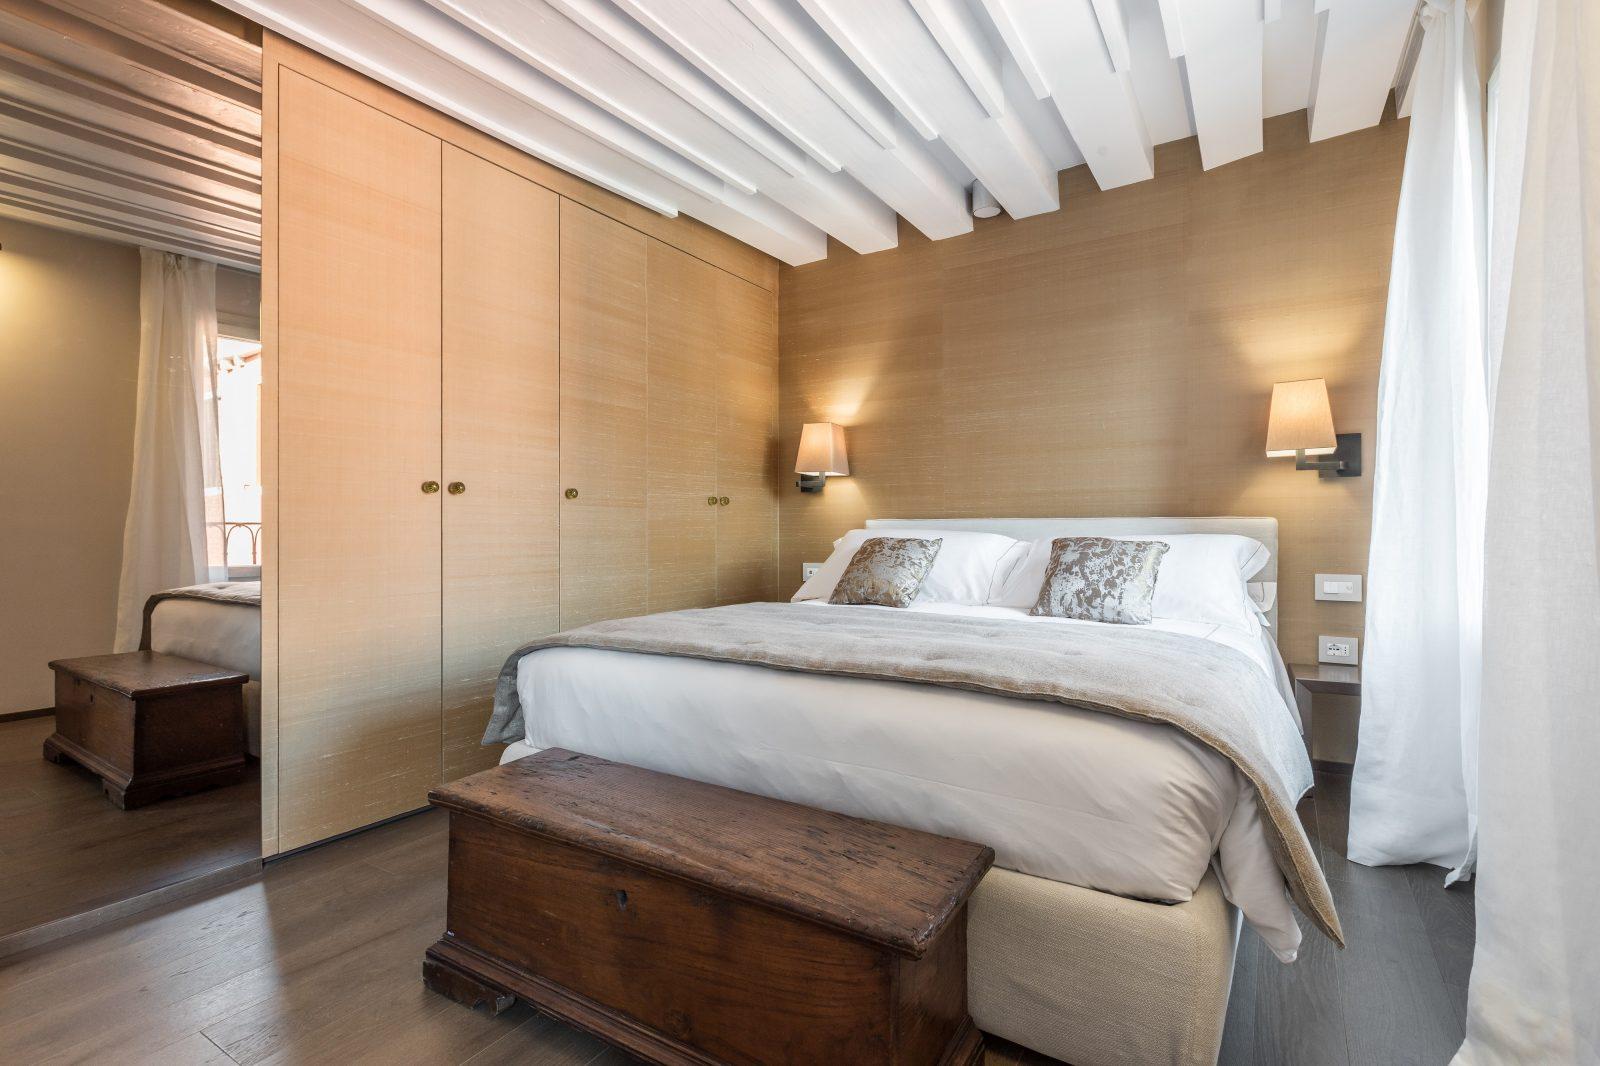 camera-letto-appartamento-rabarbaro-matrimoniale-lampade-mobili-design-venezia-palazzo-morosini